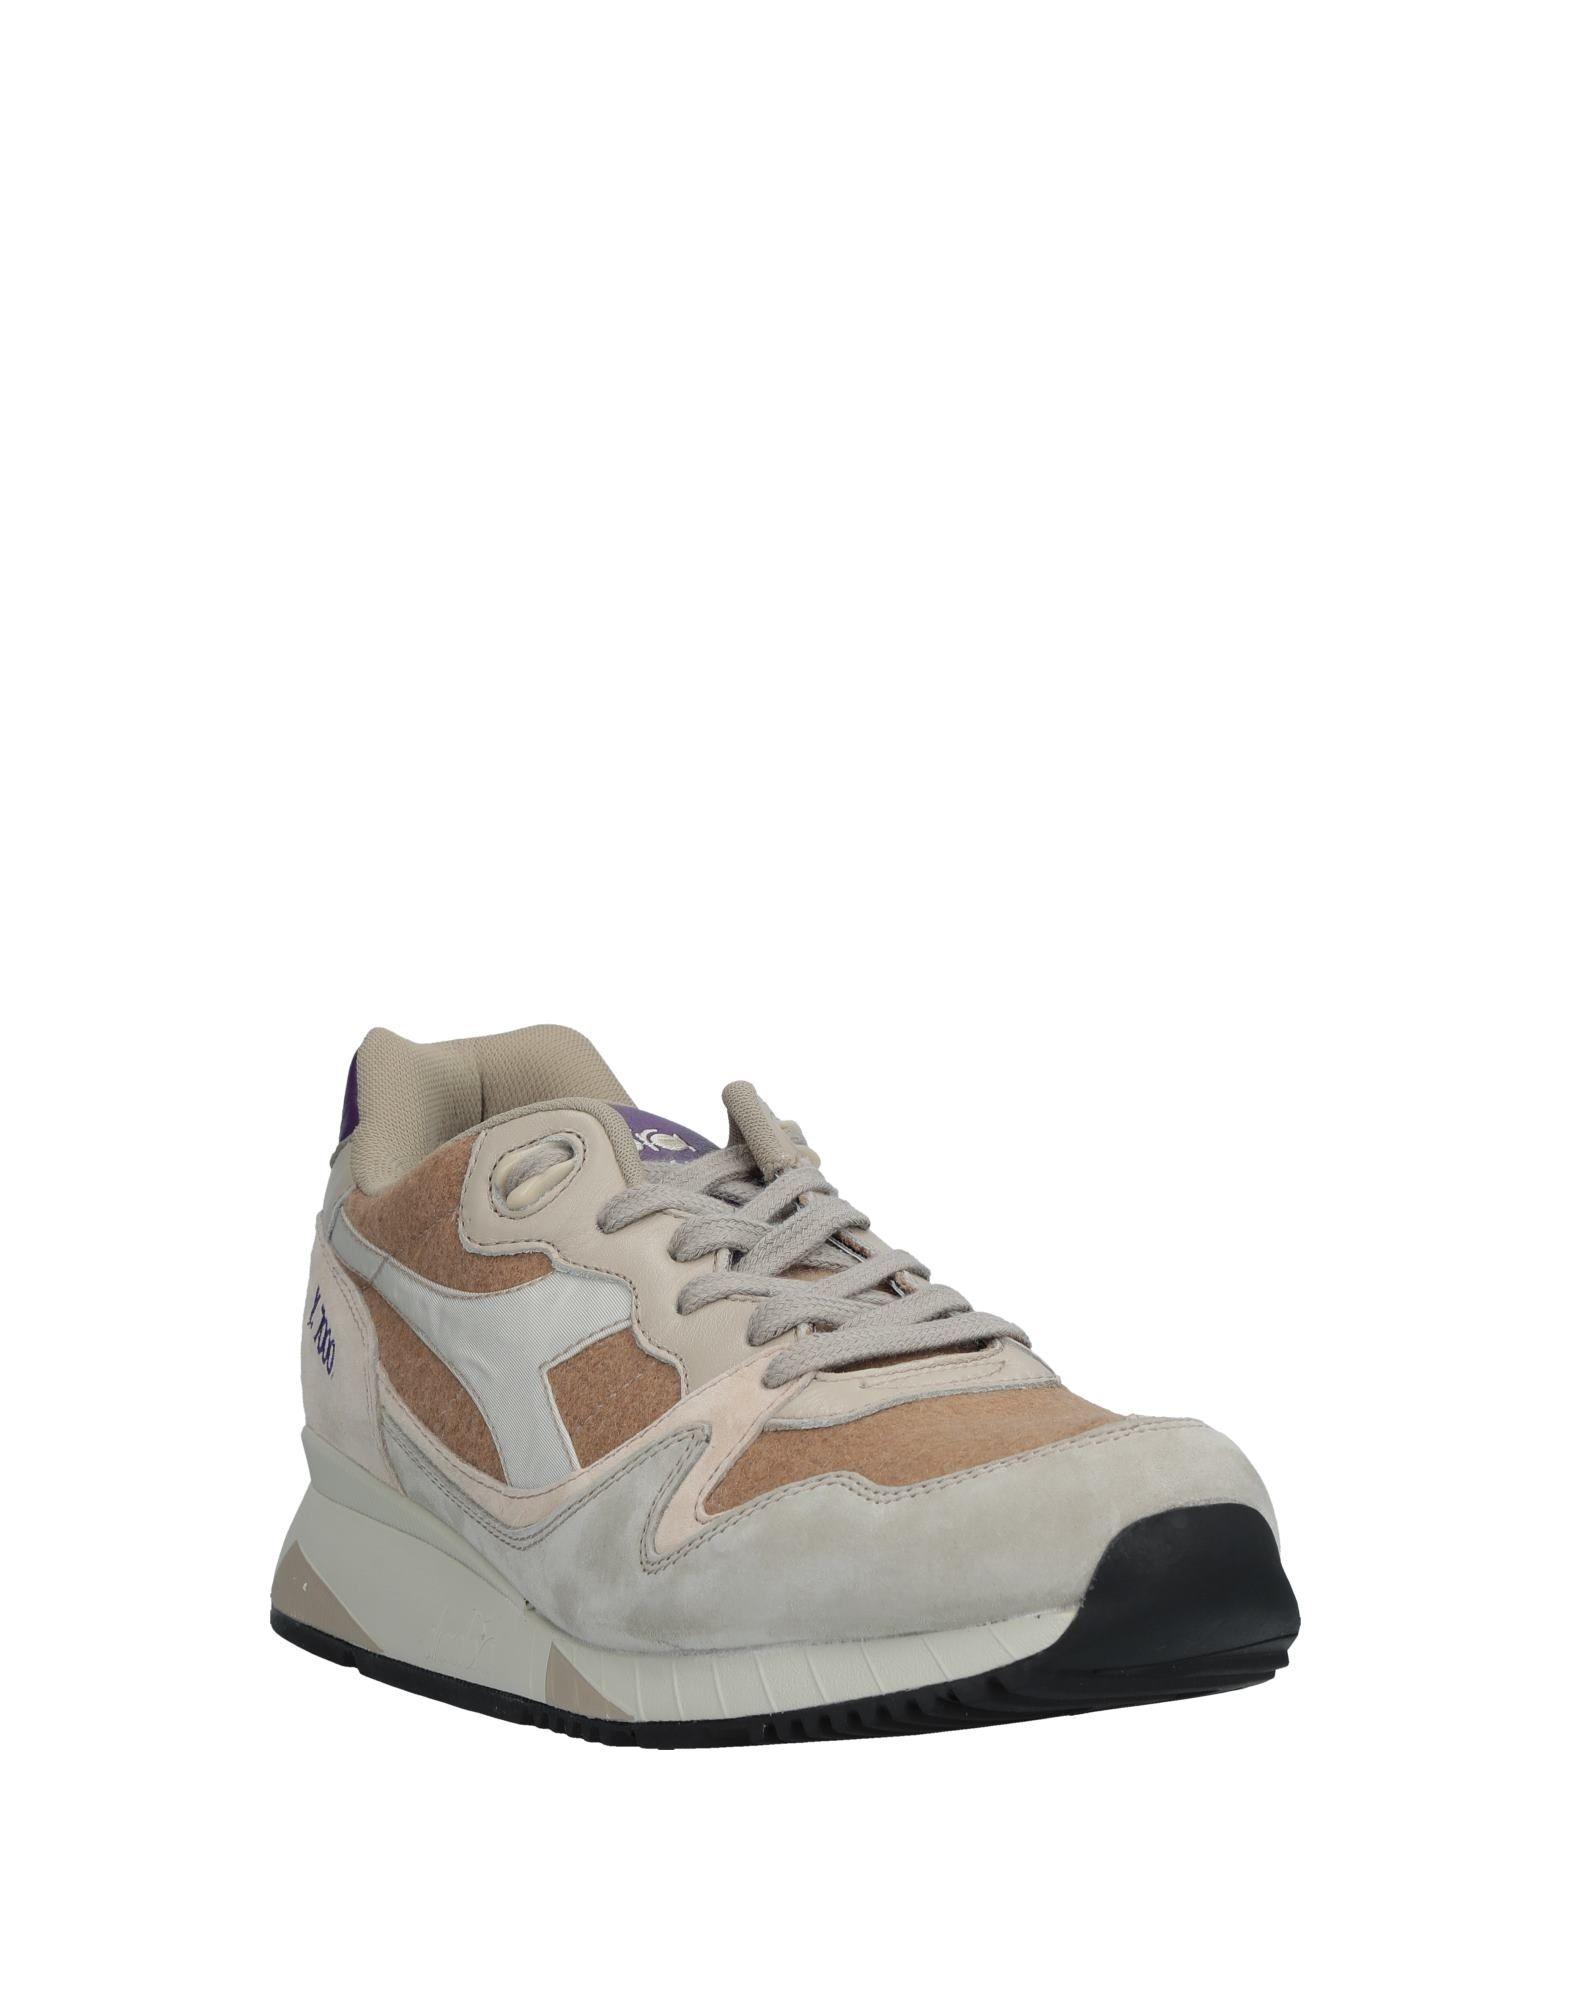 Diadora Sneakers Qualität Herren  11519185RW Gute Qualität Sneakers beliebte Schuhe a7c98a